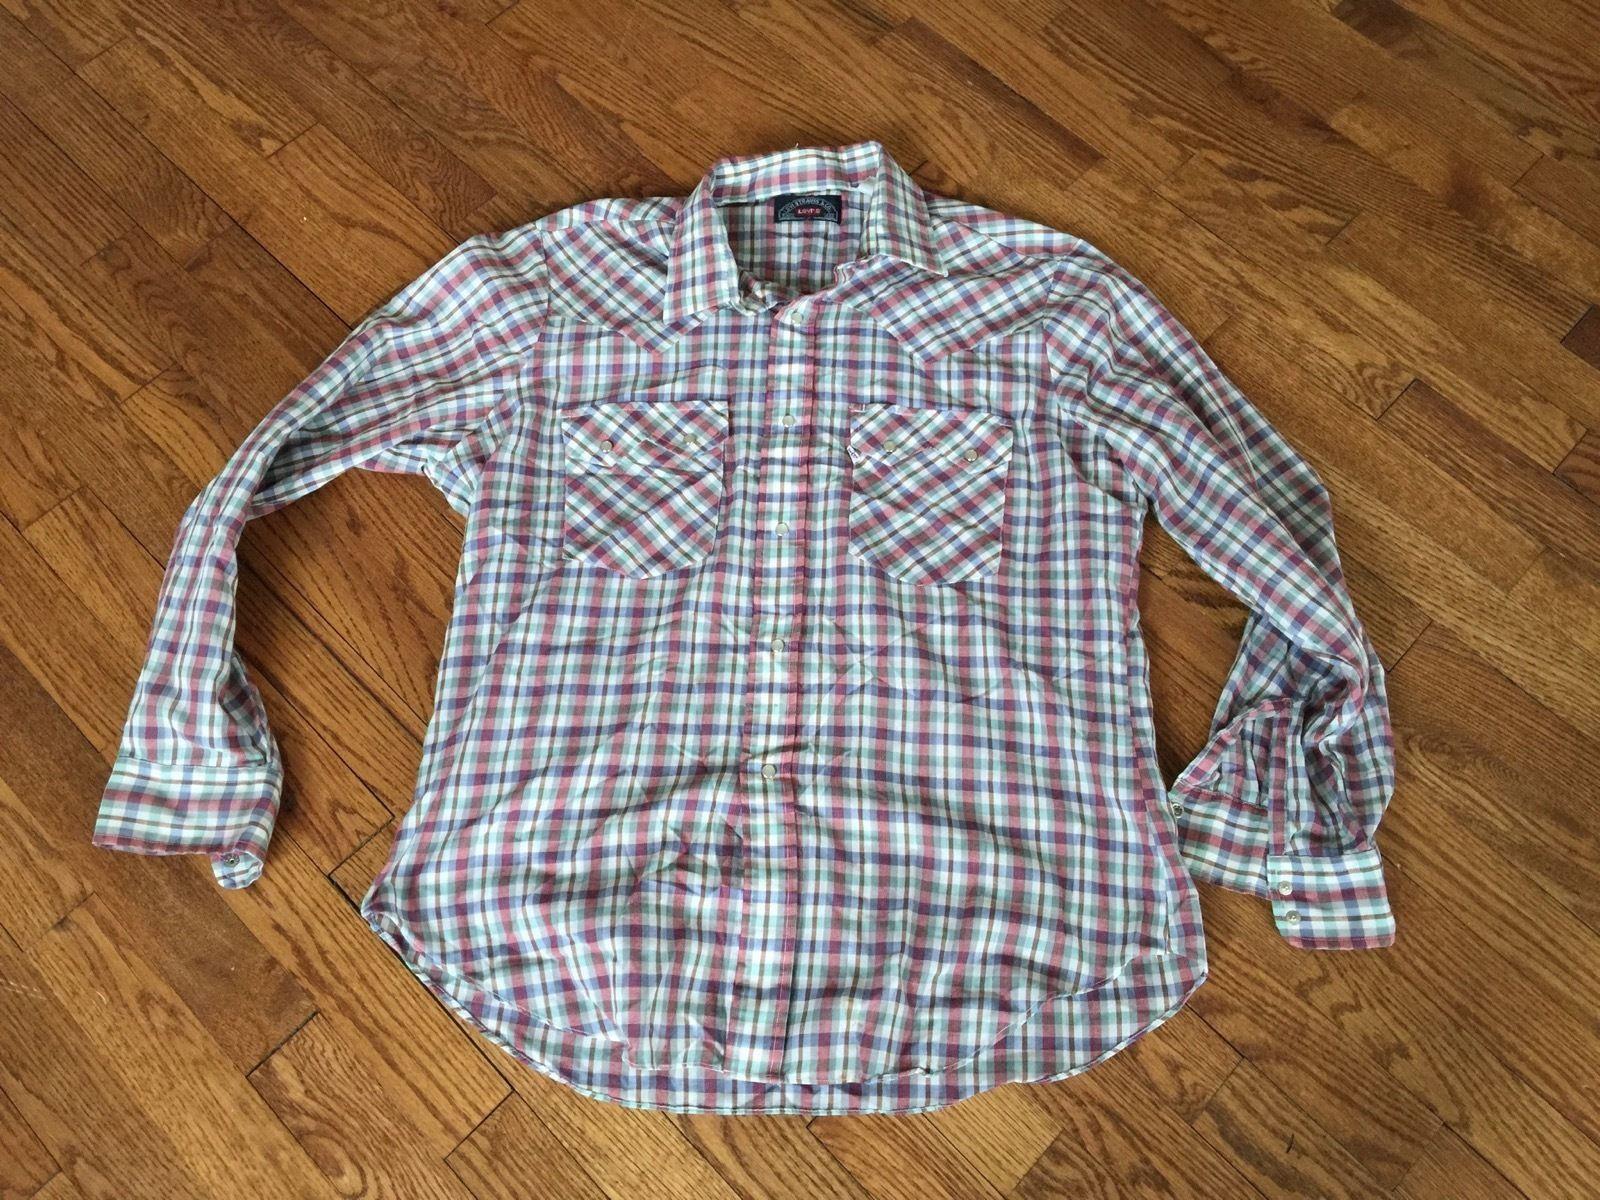 d4a759a644 S l1600. S l1600. Previous. Vintage Levi s Plaid Mens Western Shirt with Pearl  Snaps Size XL · Vintage Levi s Plaid ...